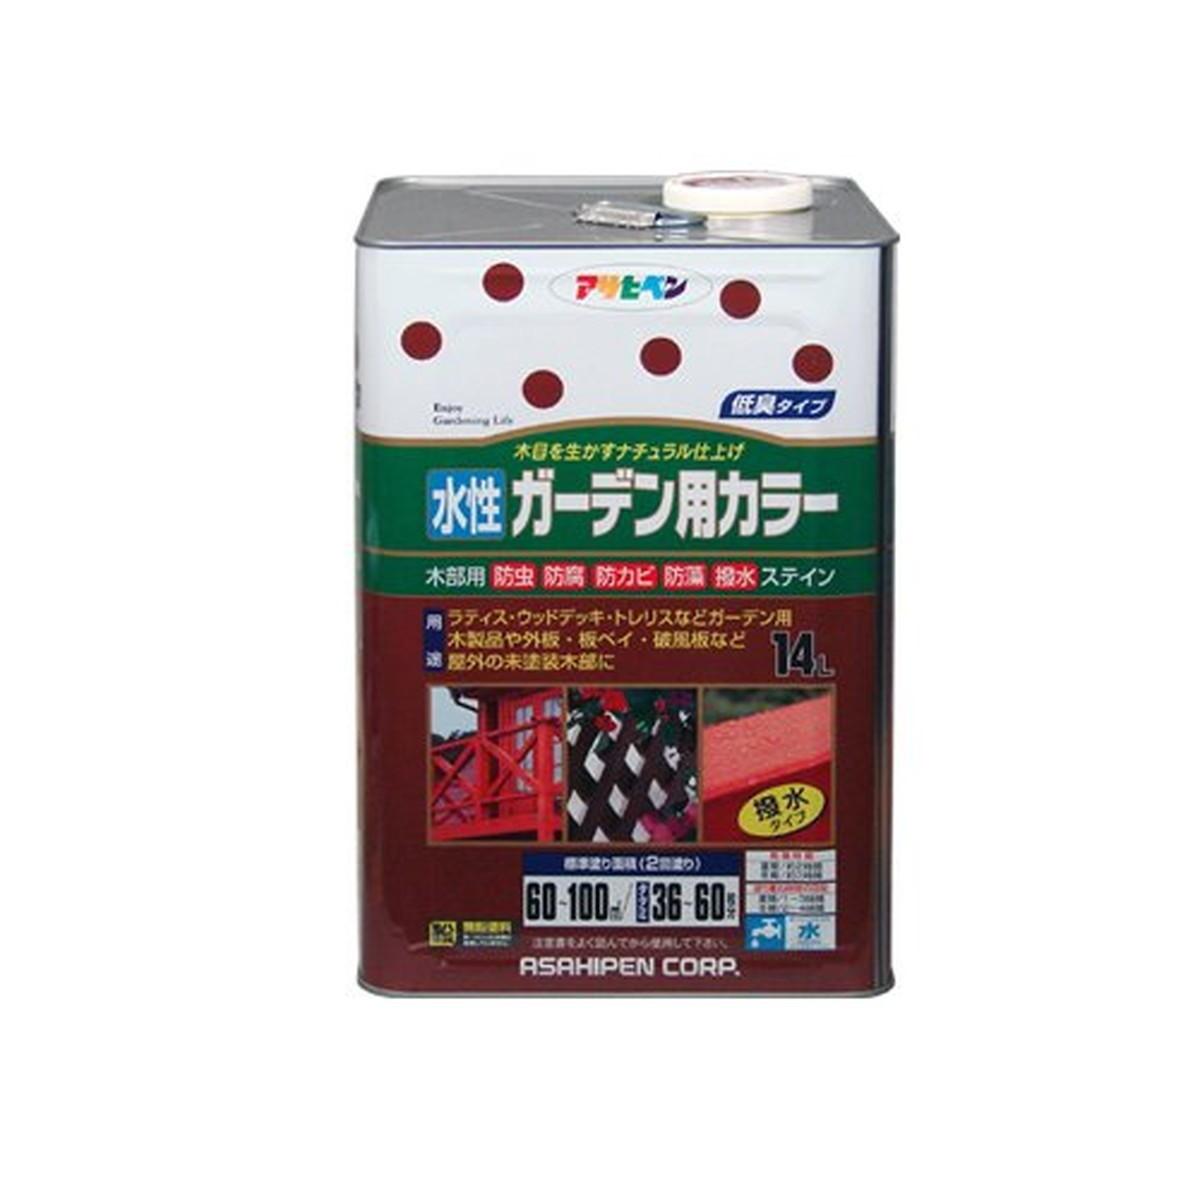 アサヒペン 水性ガーデン用カラー 14L 透明(クリヤ)